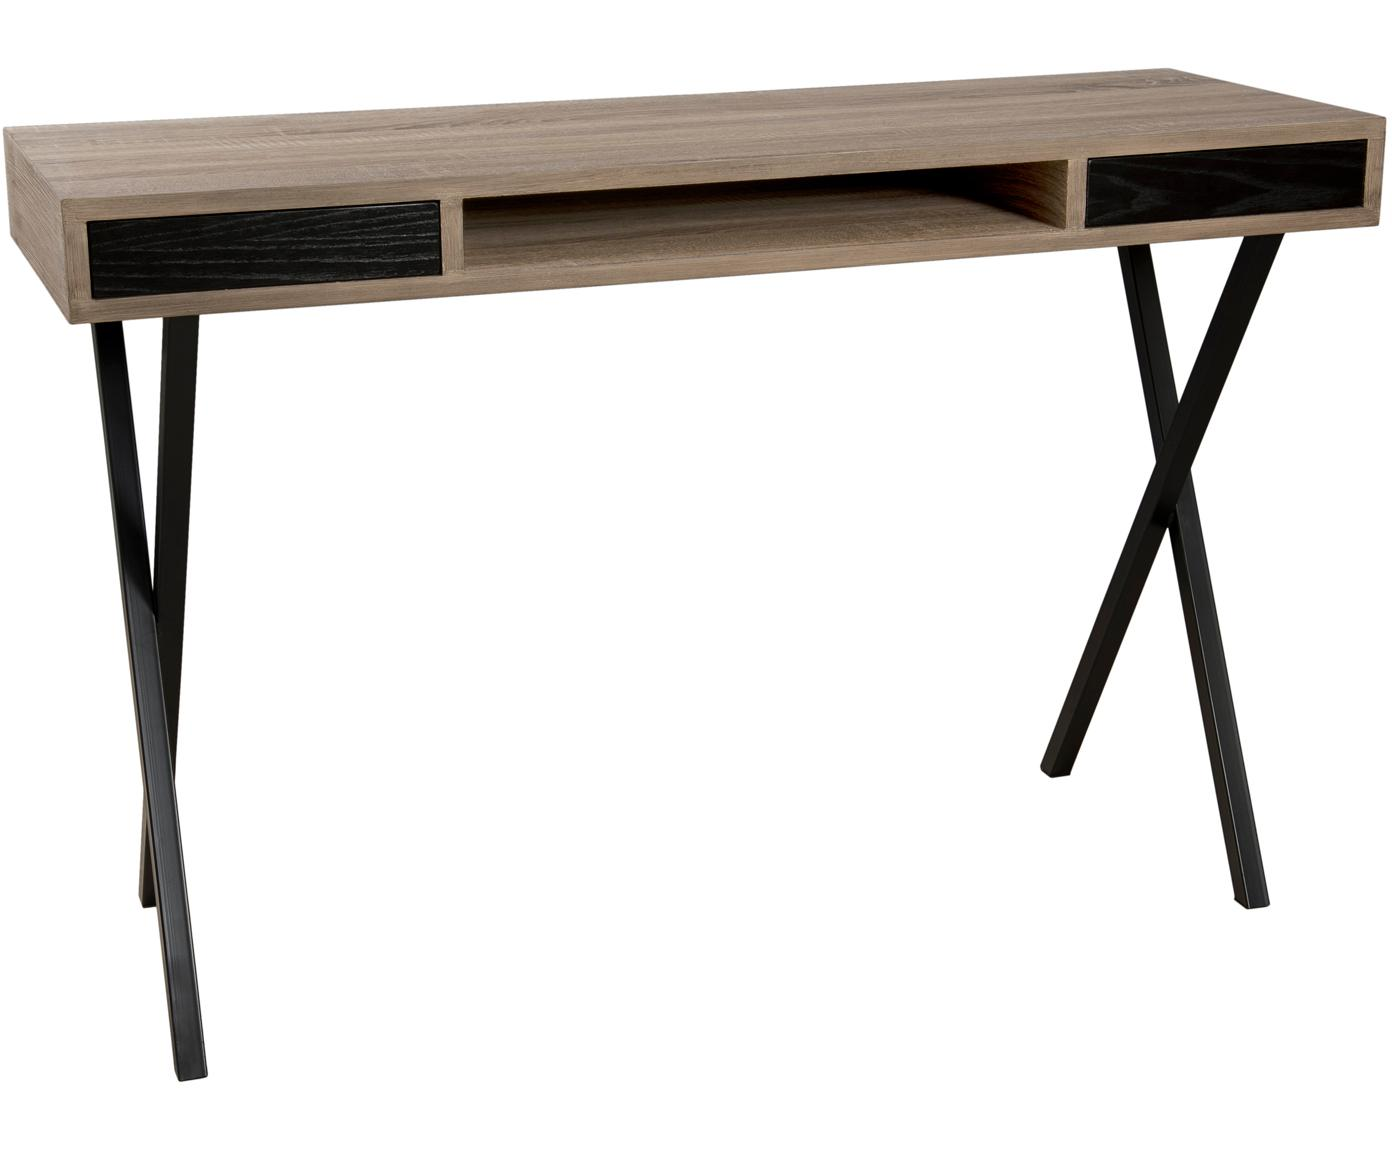 Bureau Julia met lades, Frame: MDF, eikenhoutfineer, Poten: gelakt metaal, Teakhoutkleurig, zwart, B 120 x D 40 cm